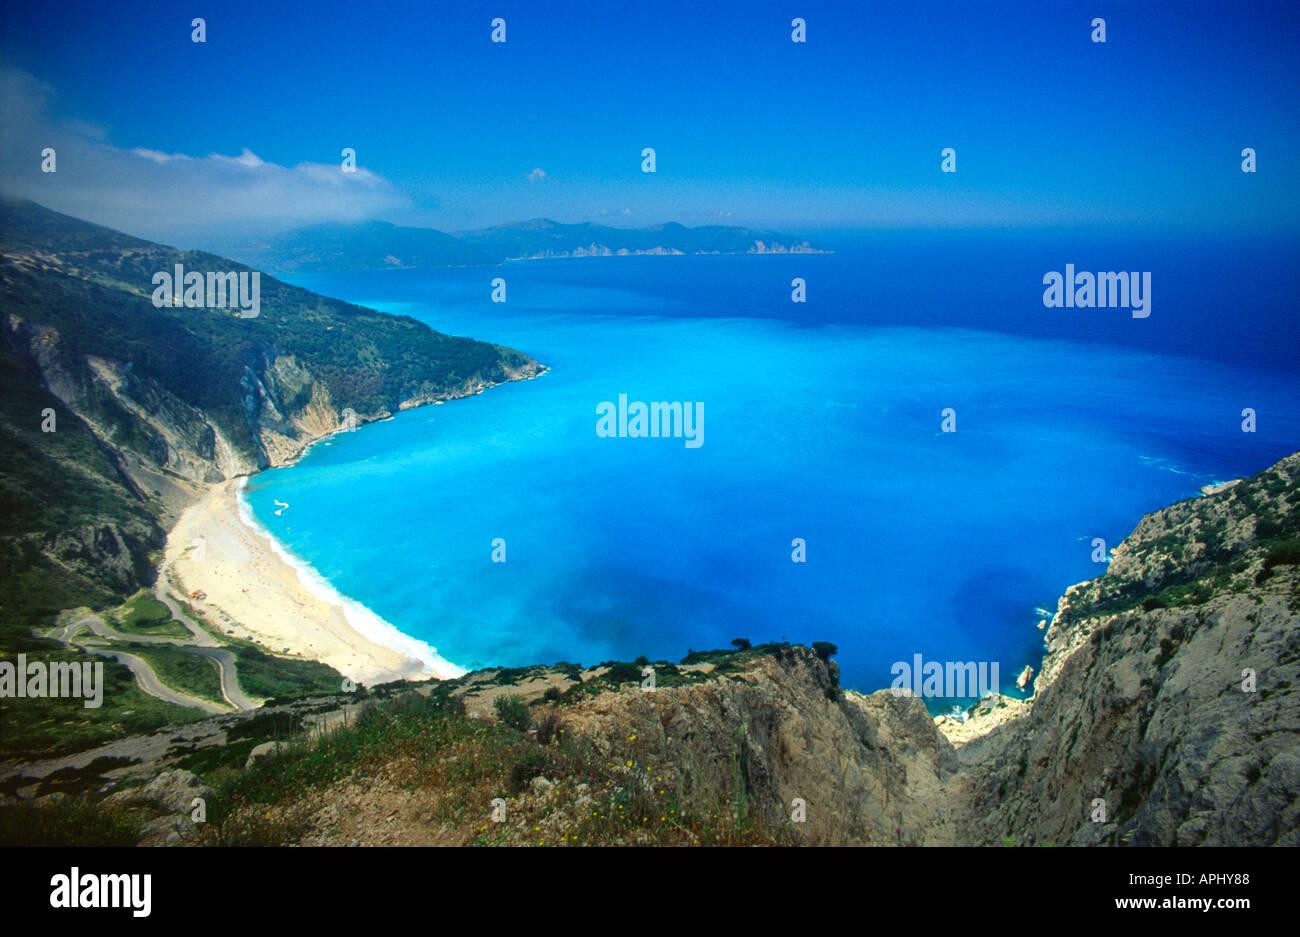 Su una spiaggia greca isola del Mar Ionio di Cefalonia Grecia UE Unione europea EUROPA Immagini Stock